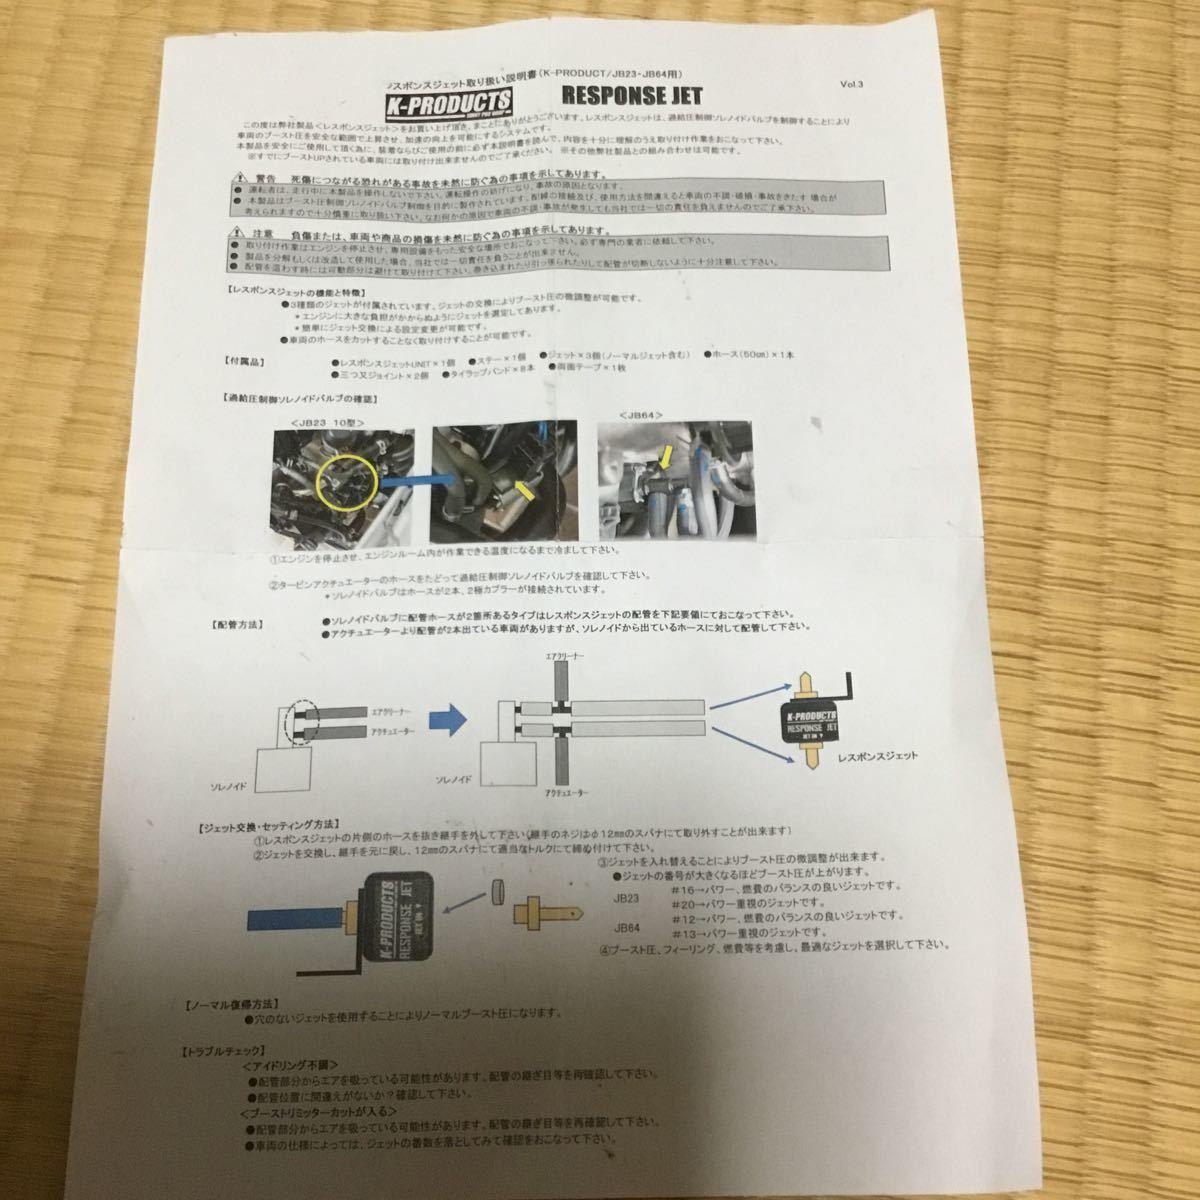 ジムニー レスポンスジェット&ミニコンセット JB23 K-PRODUCTSオリジナル サブコン 中古_画像4